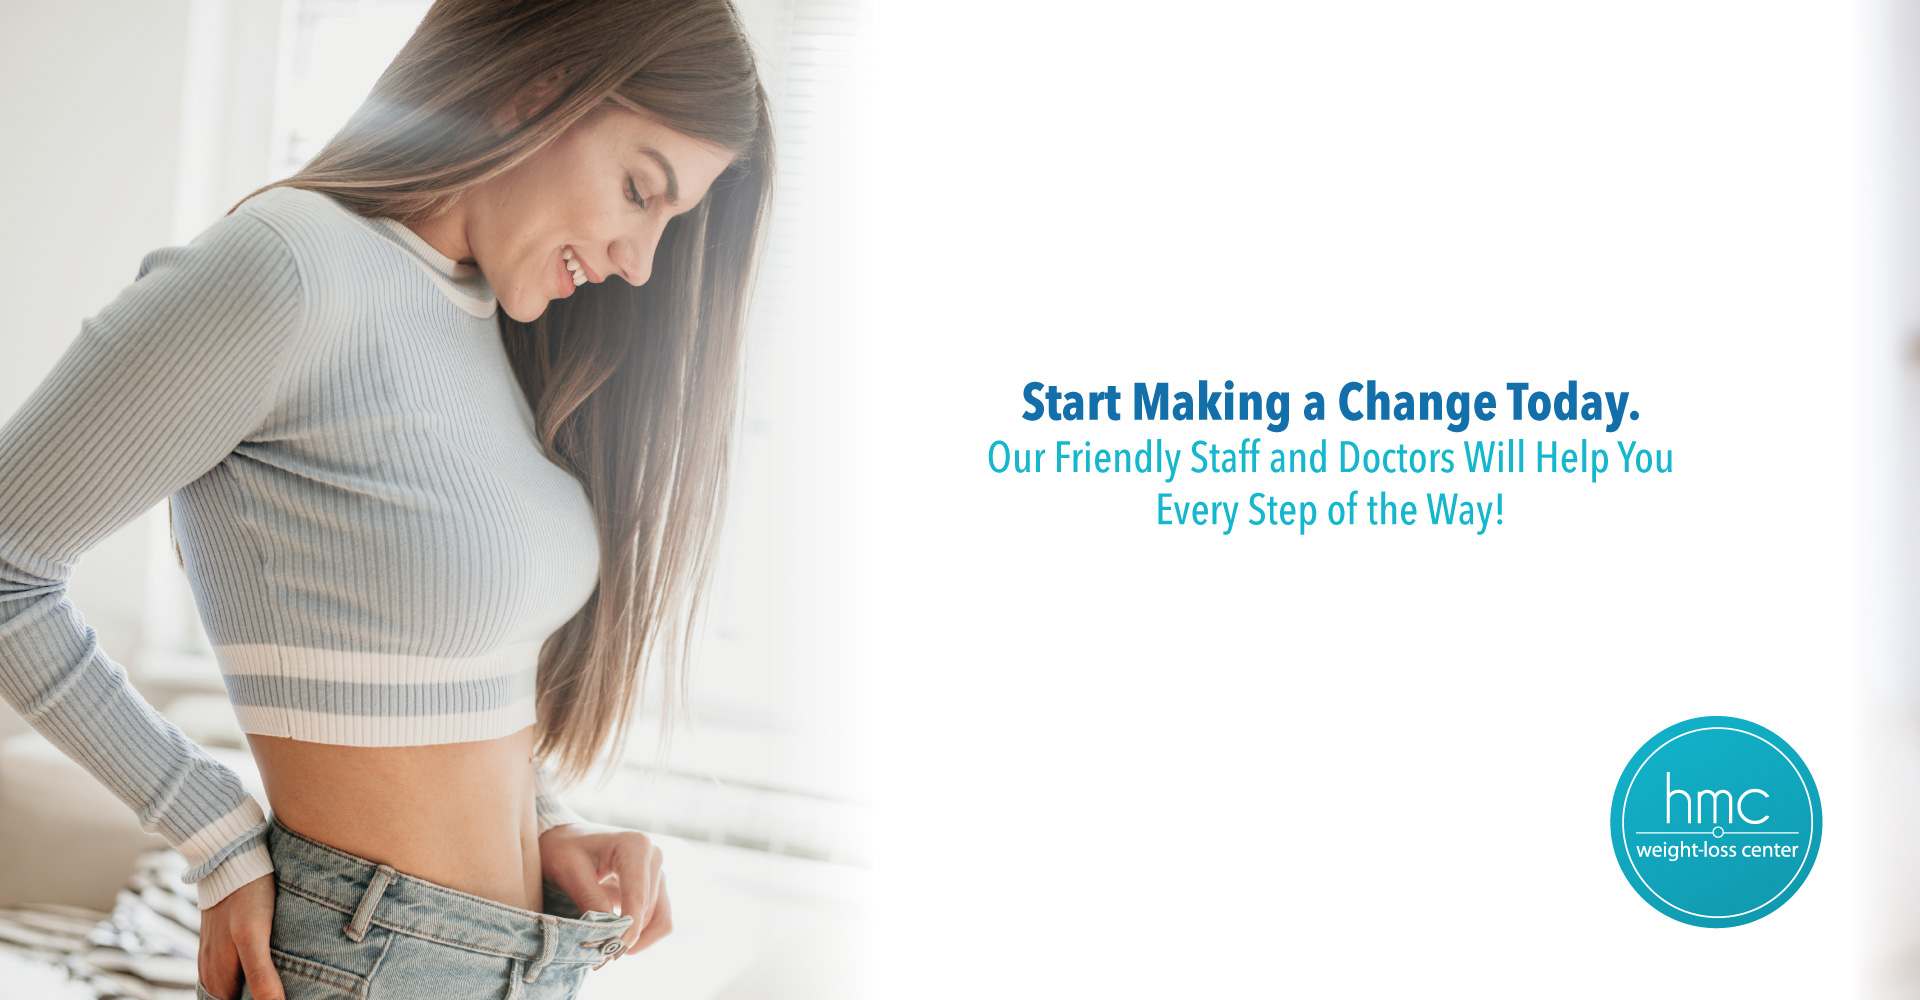 HMC Weight Loss - Start Reaching Your Weight Loss Goals Today!